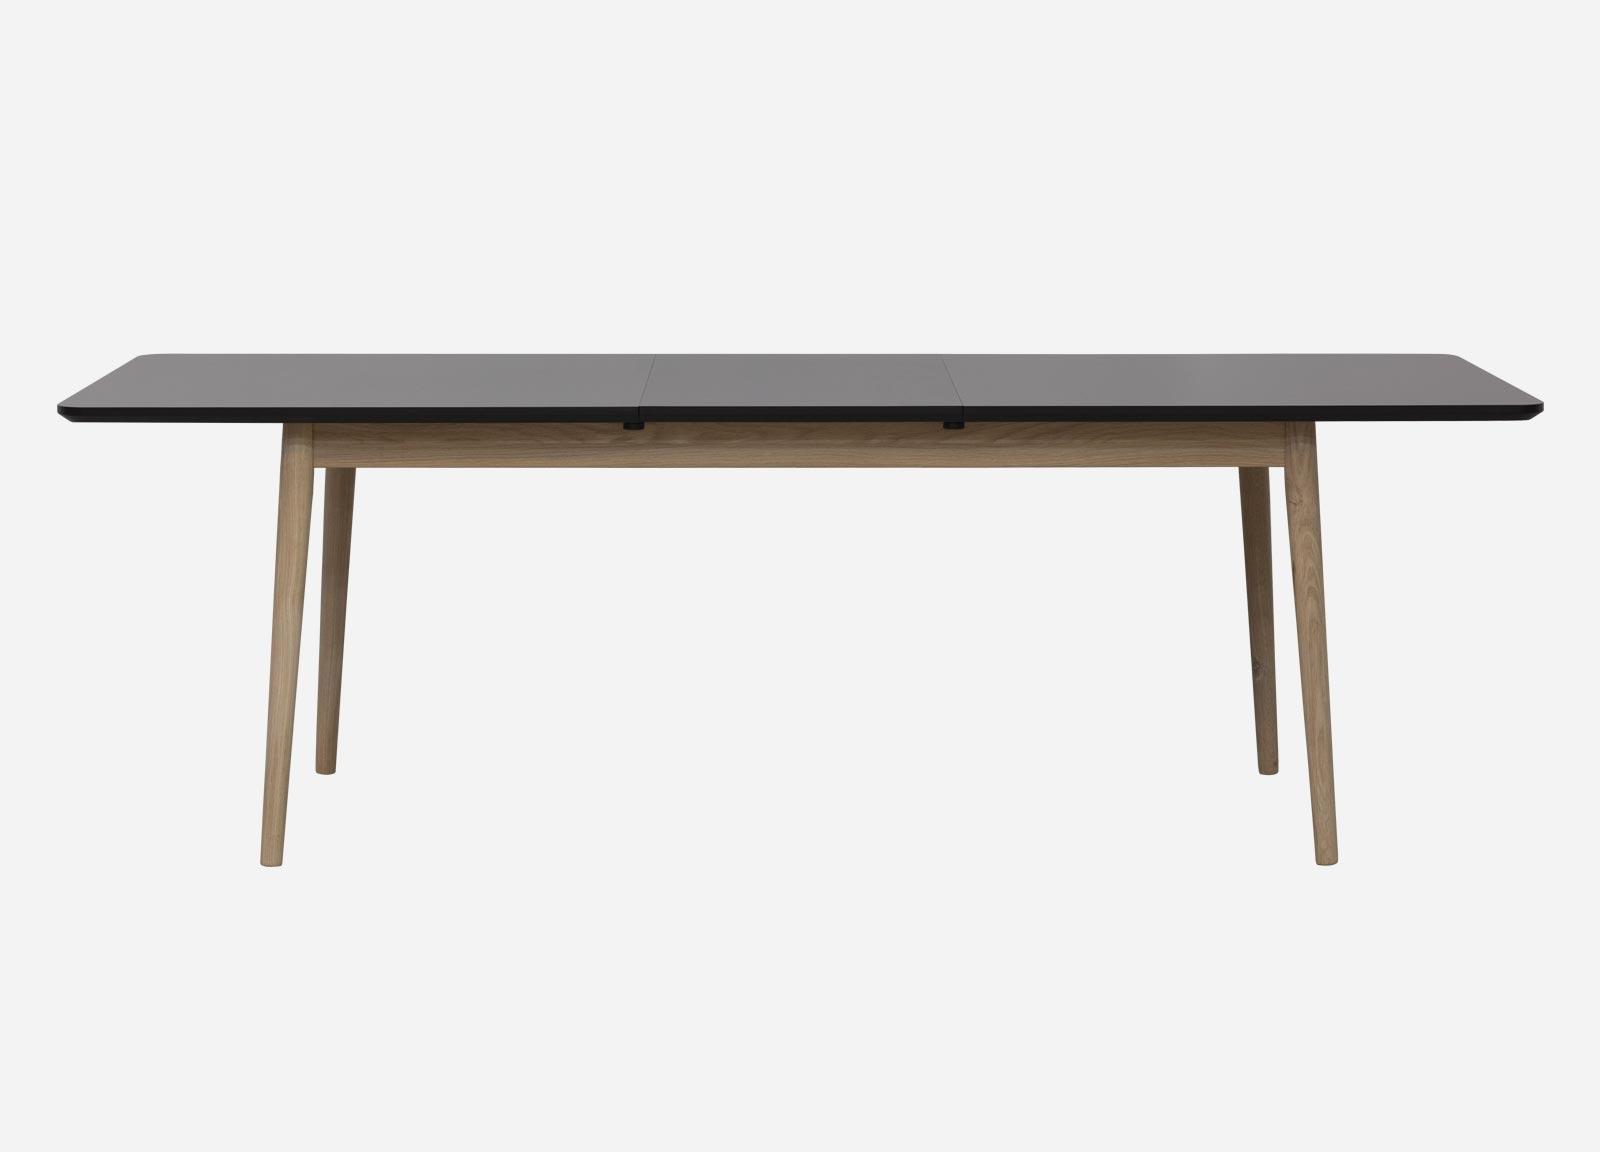 Oppdatert Rundt Spisebord Med Tillægsplader | Tripoli Spisebord 110x110 Cm SE-79